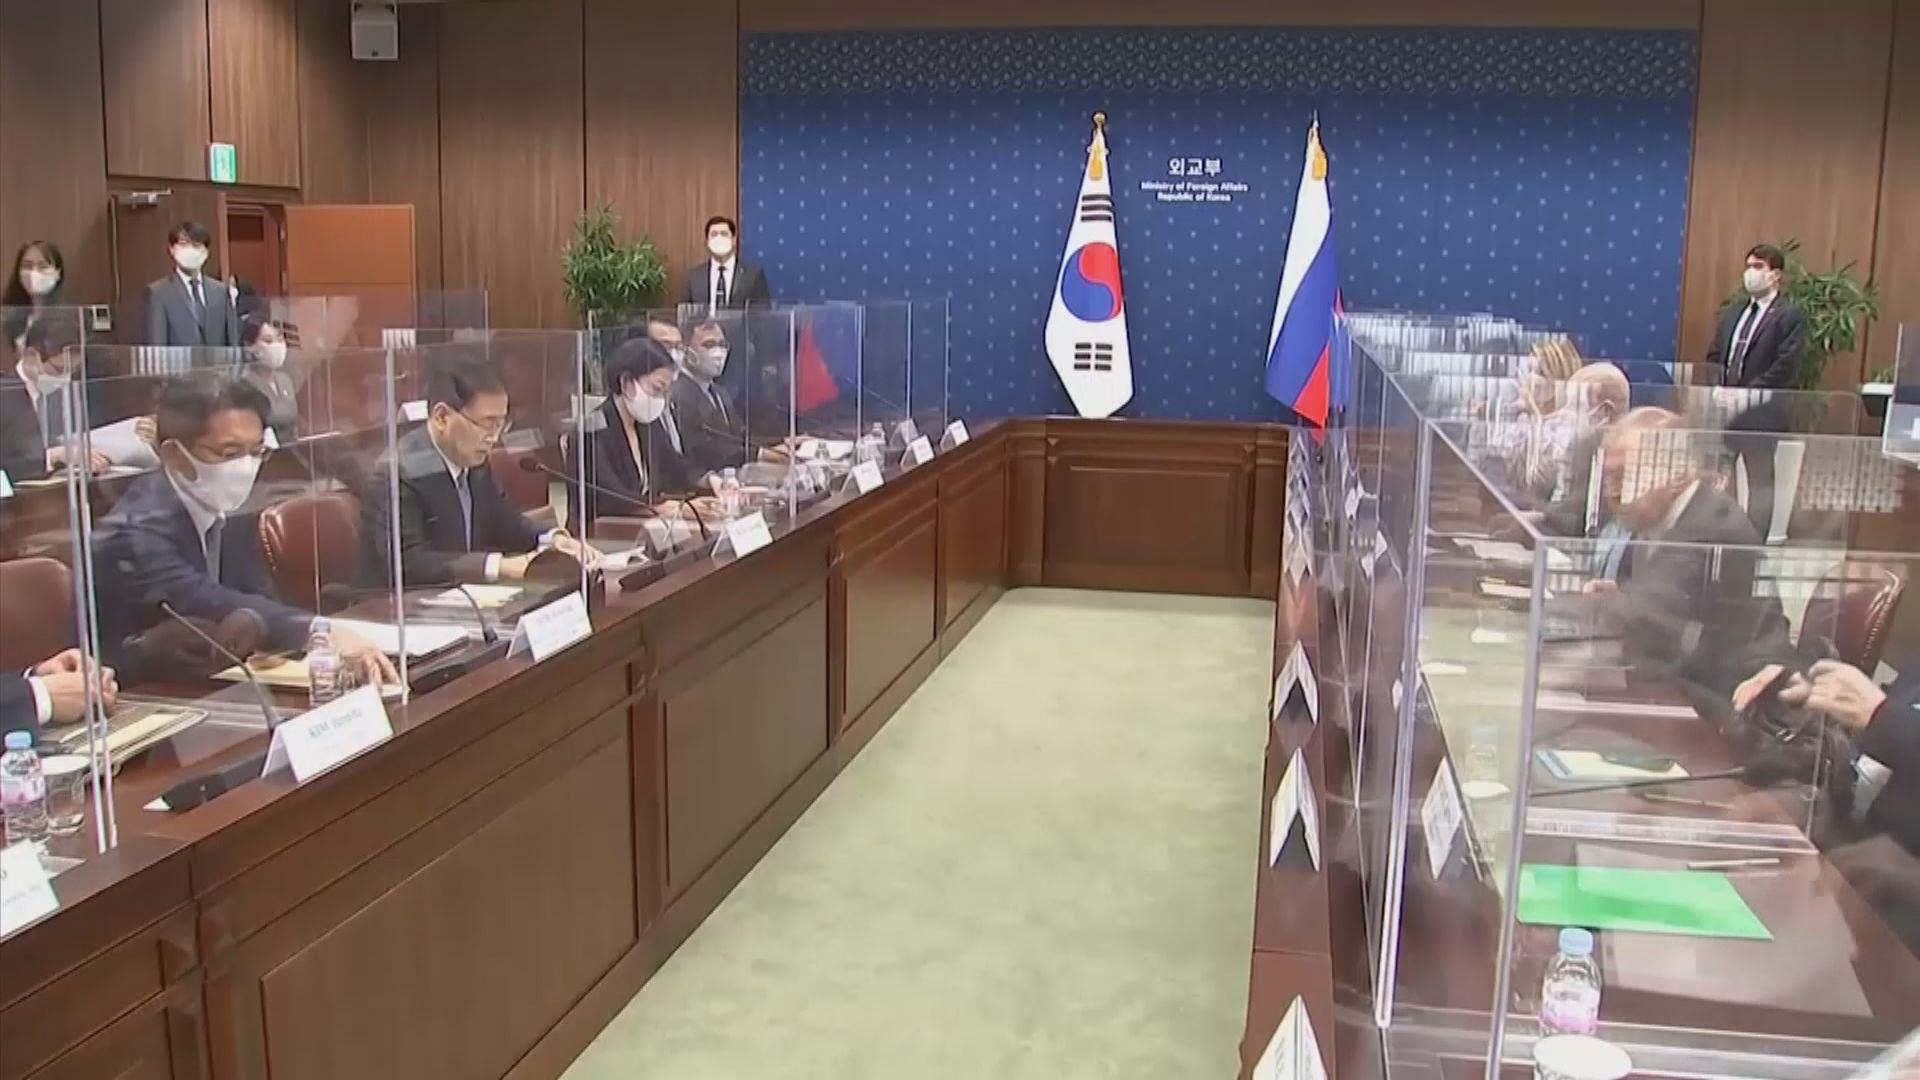 韓俄外長首爾會面 雙方強調合作夥伴關係